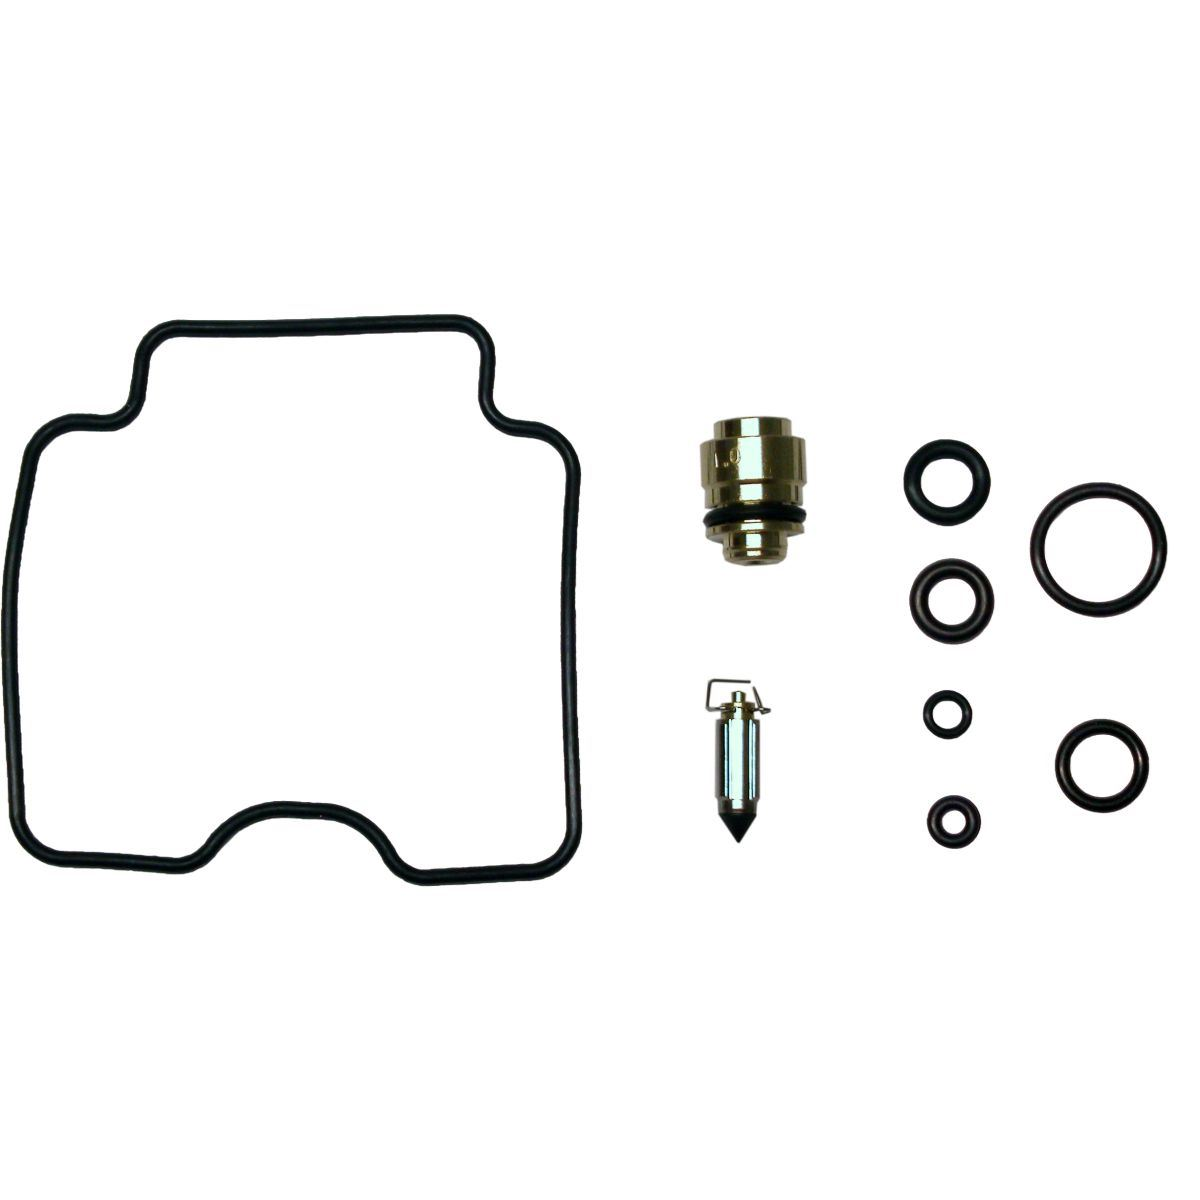 AW Motorcycle Parts. Carburettor Repair Kit Yamaha XVS1100